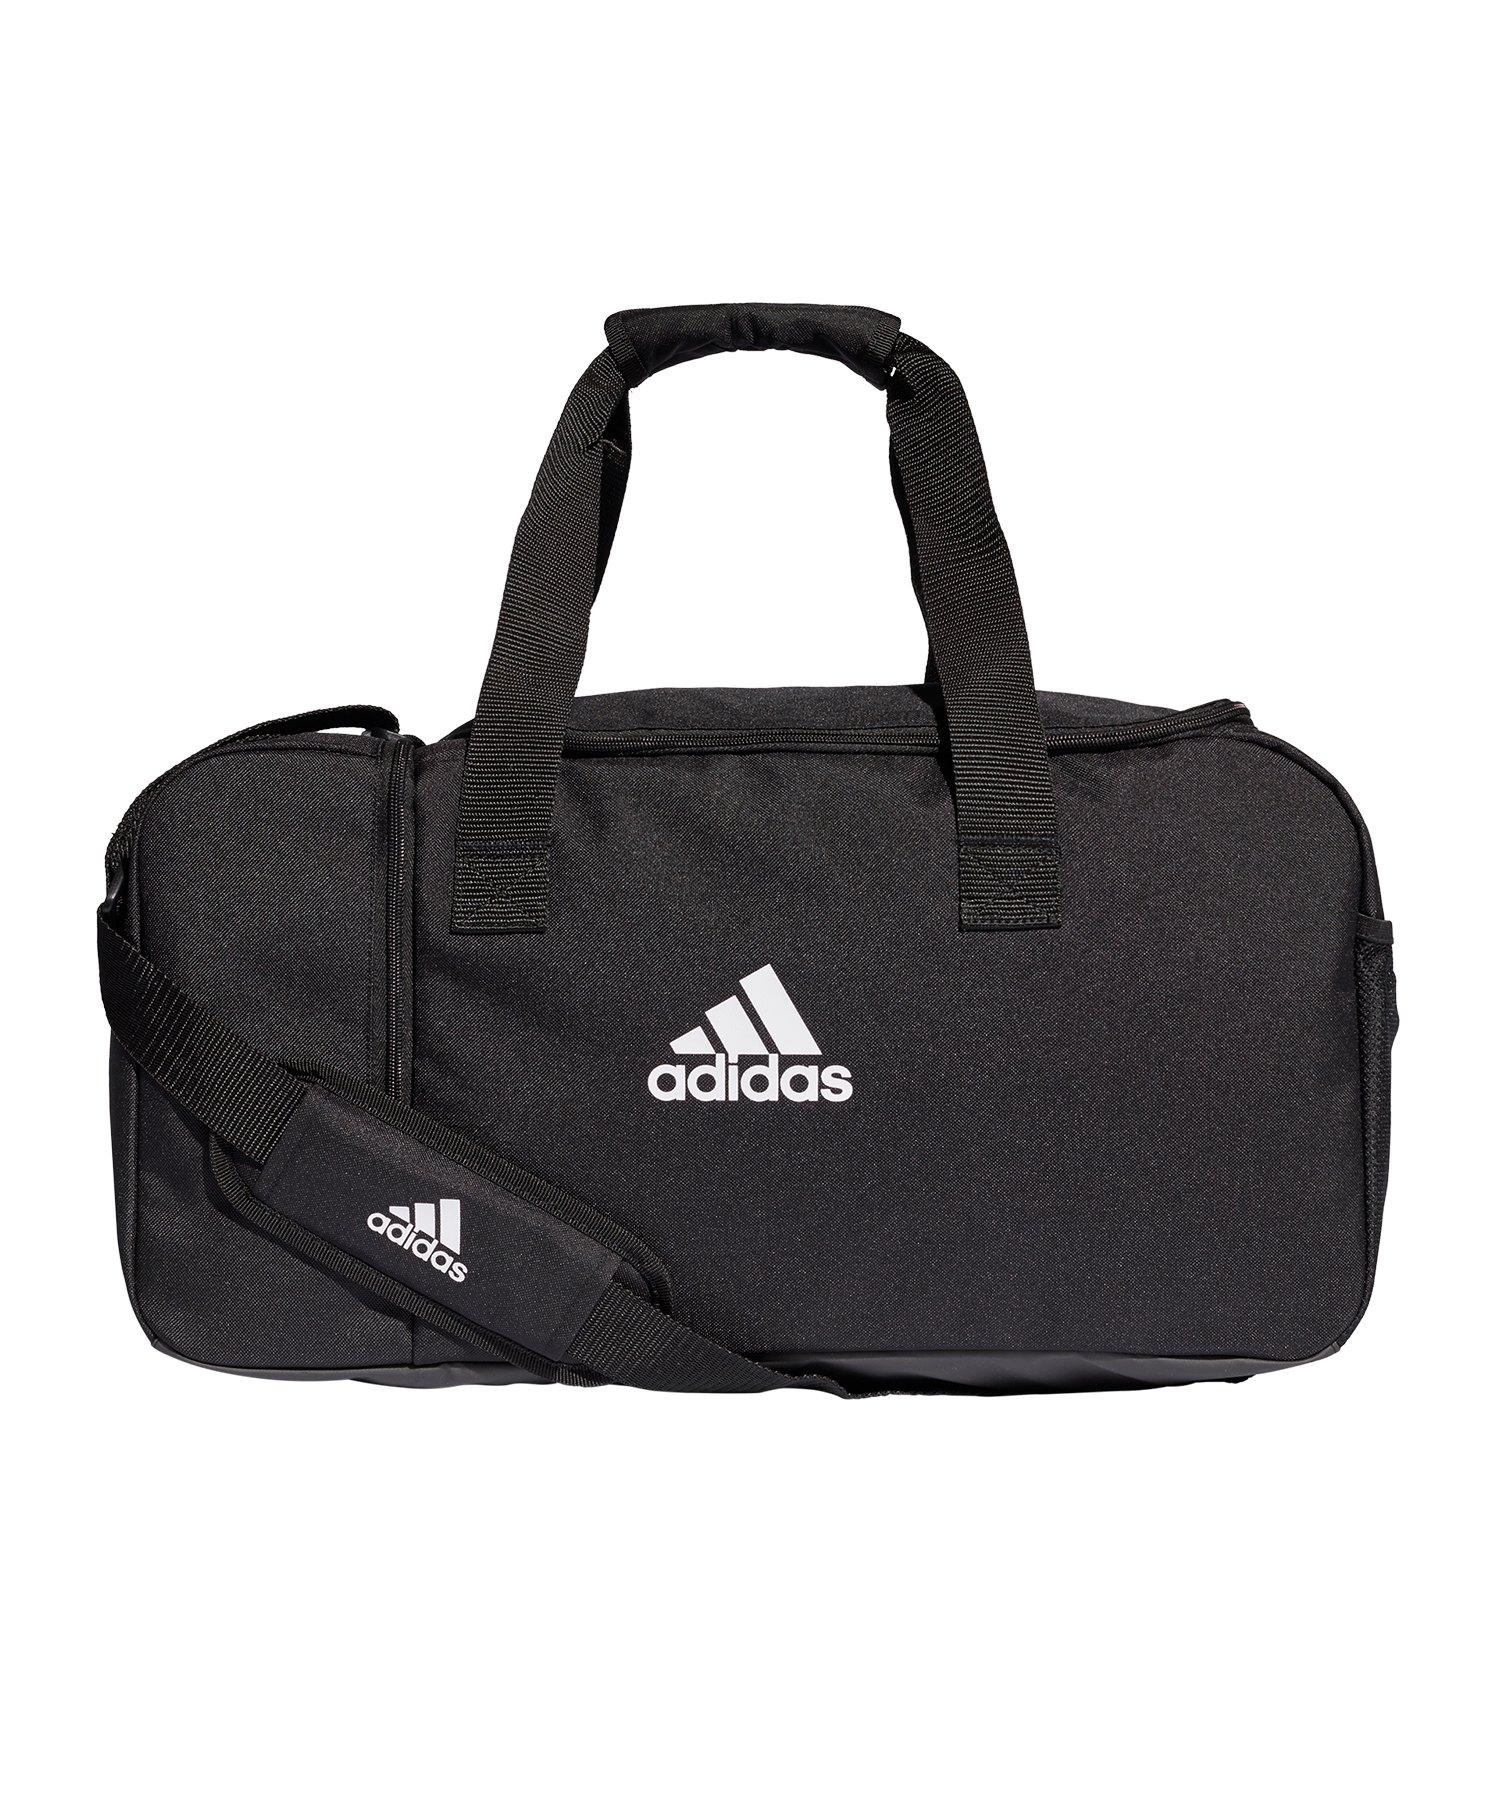 adidas Tiro Duffel Bag Gr. S Schwarz Weiss - schwarz